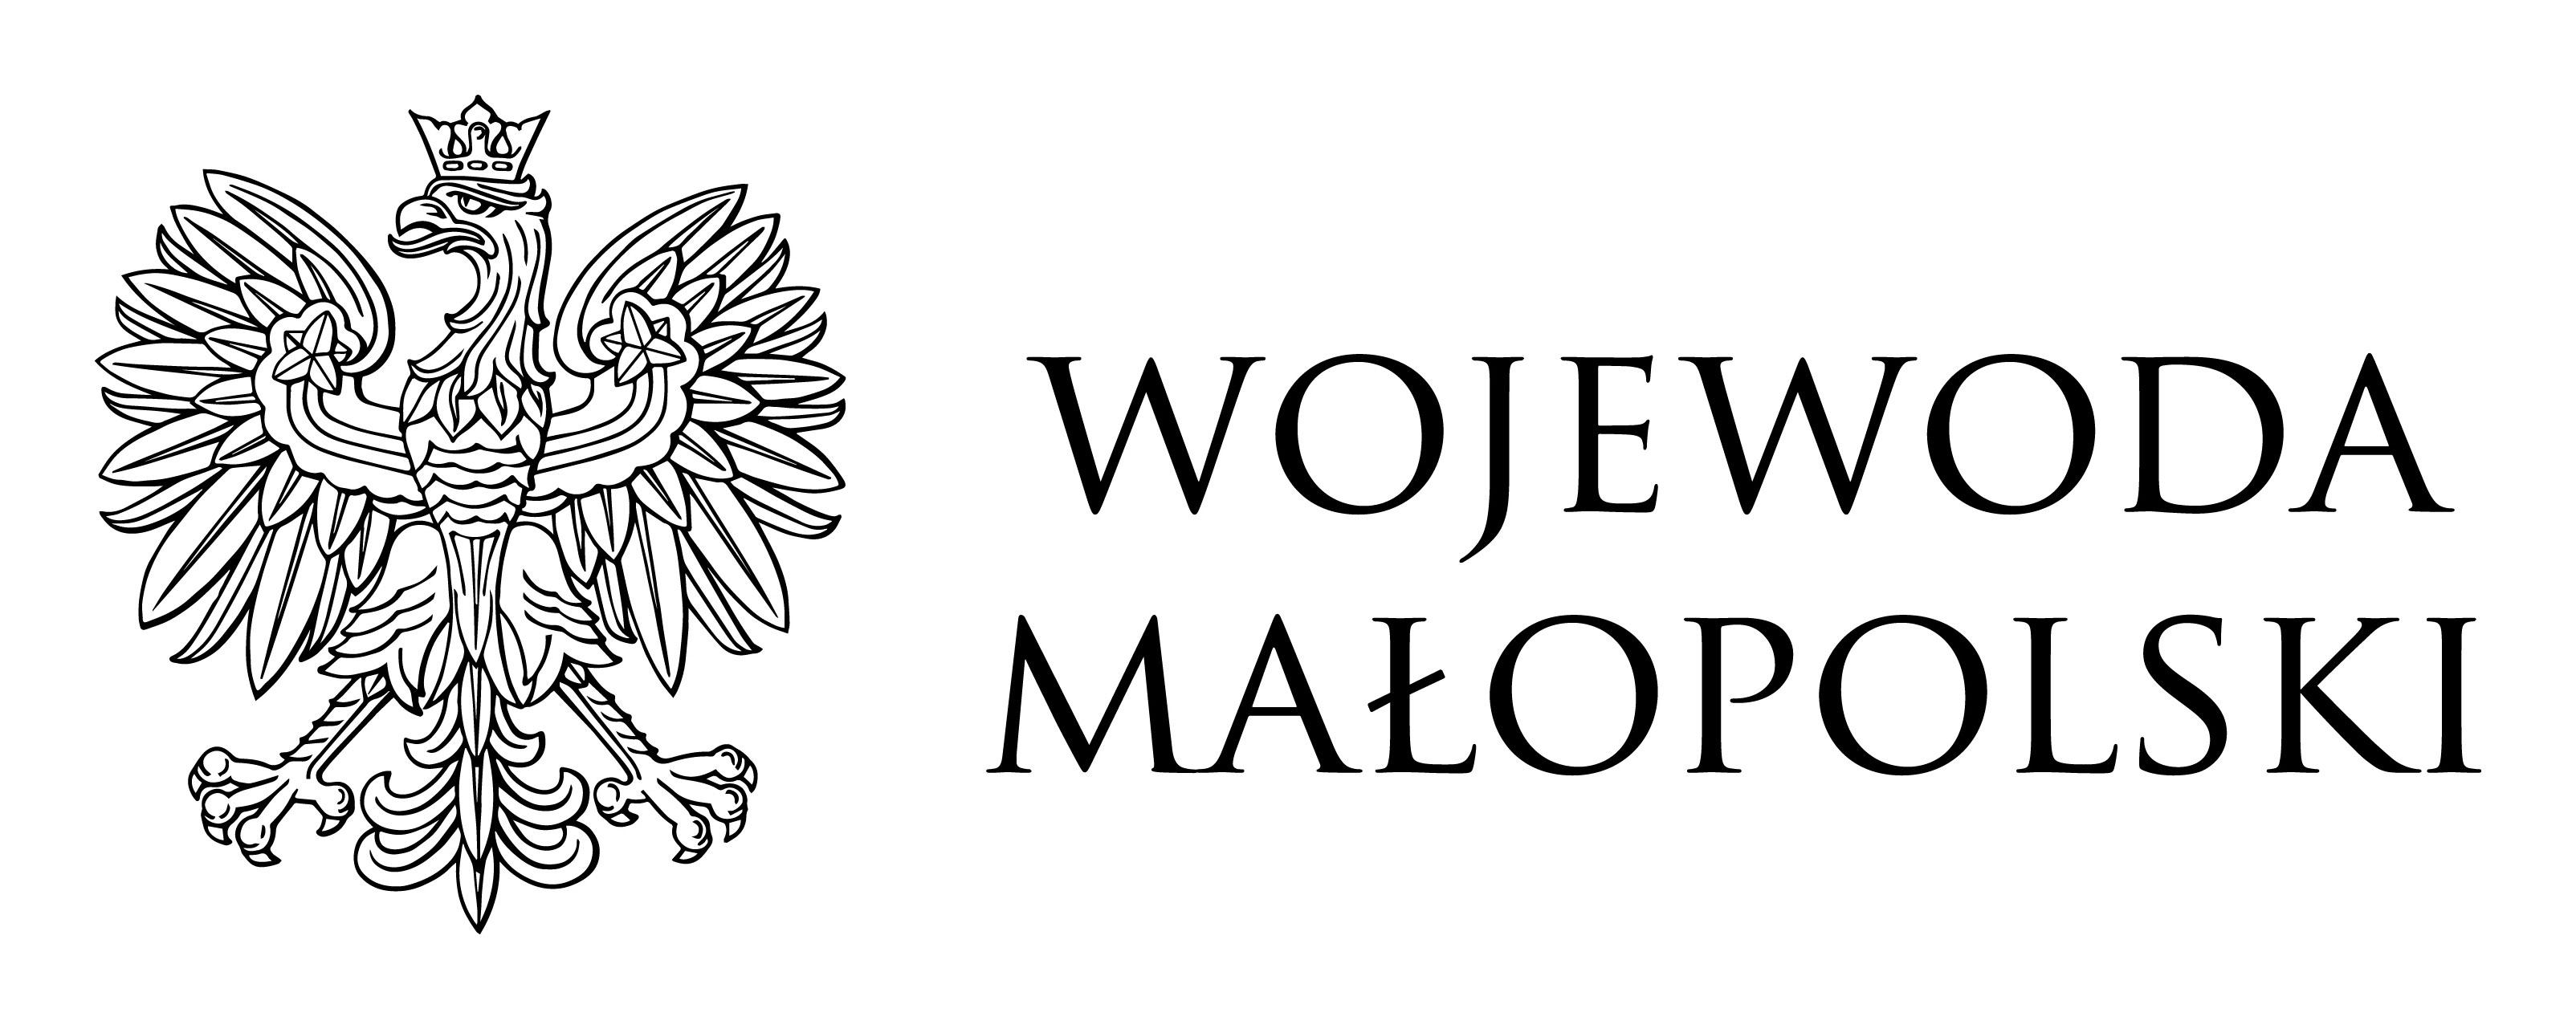 logo-wojewoda-ma-opolski-jpg.jpg